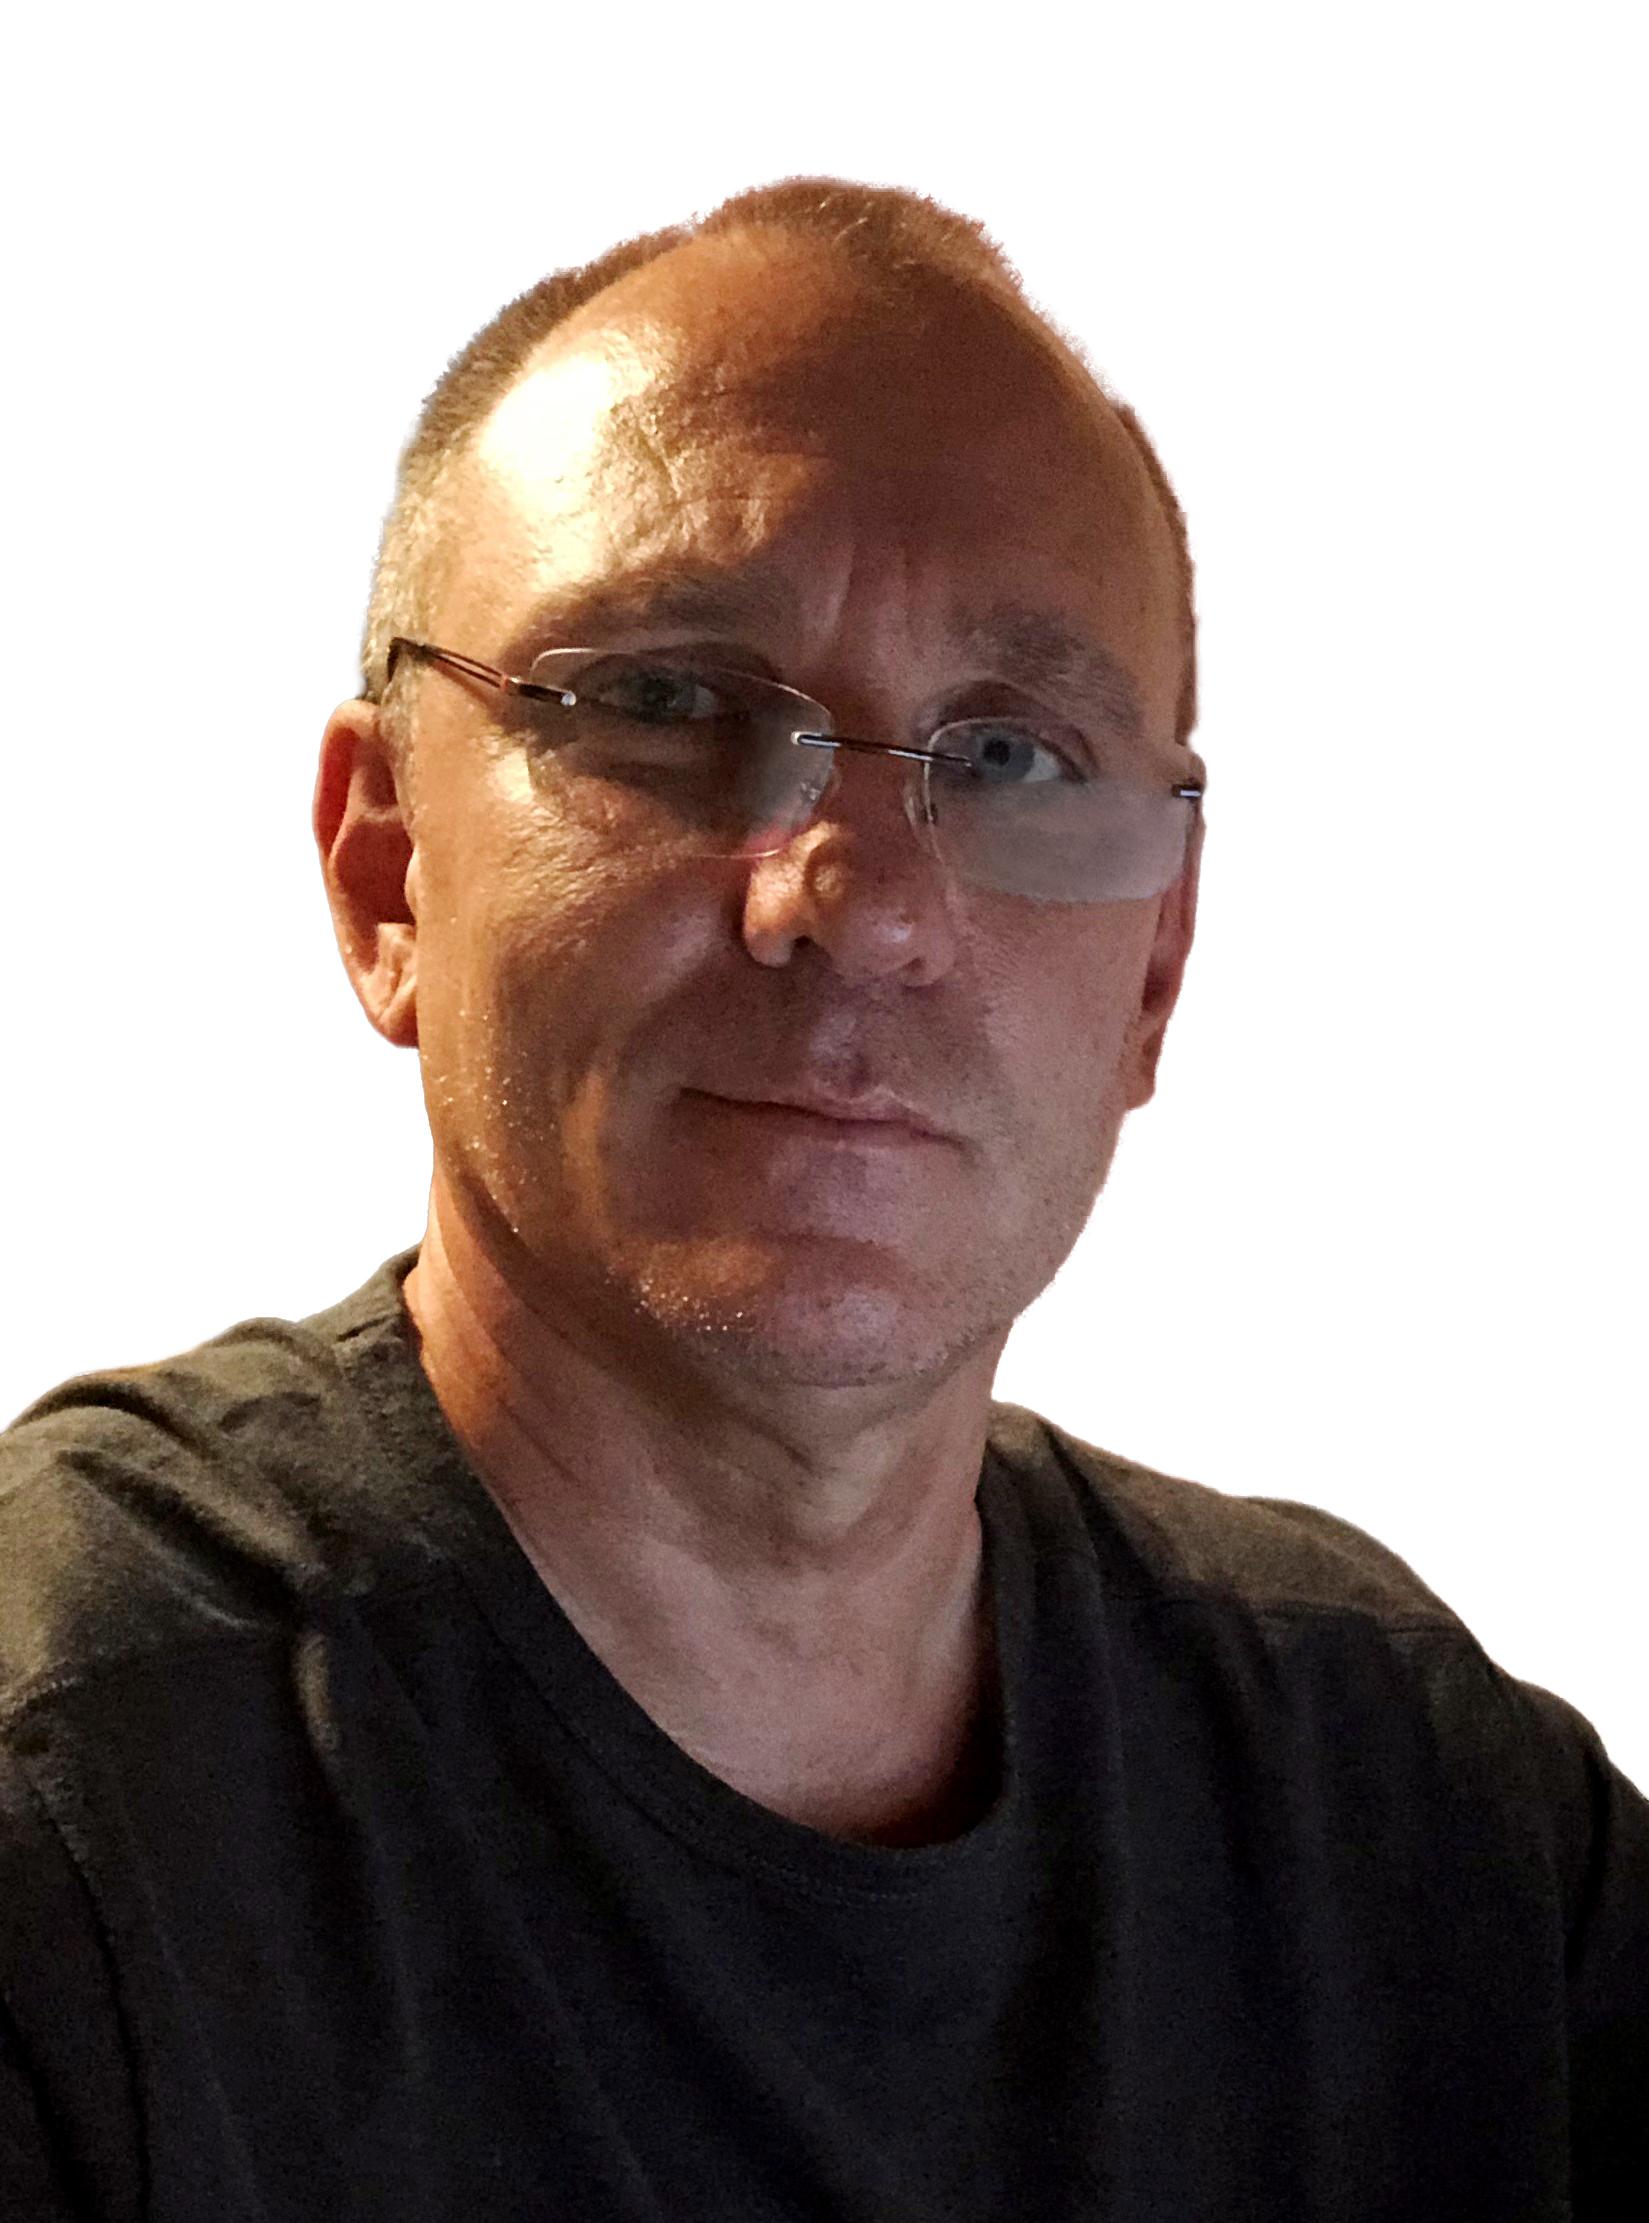 Eric Alder (c) Eric Adler